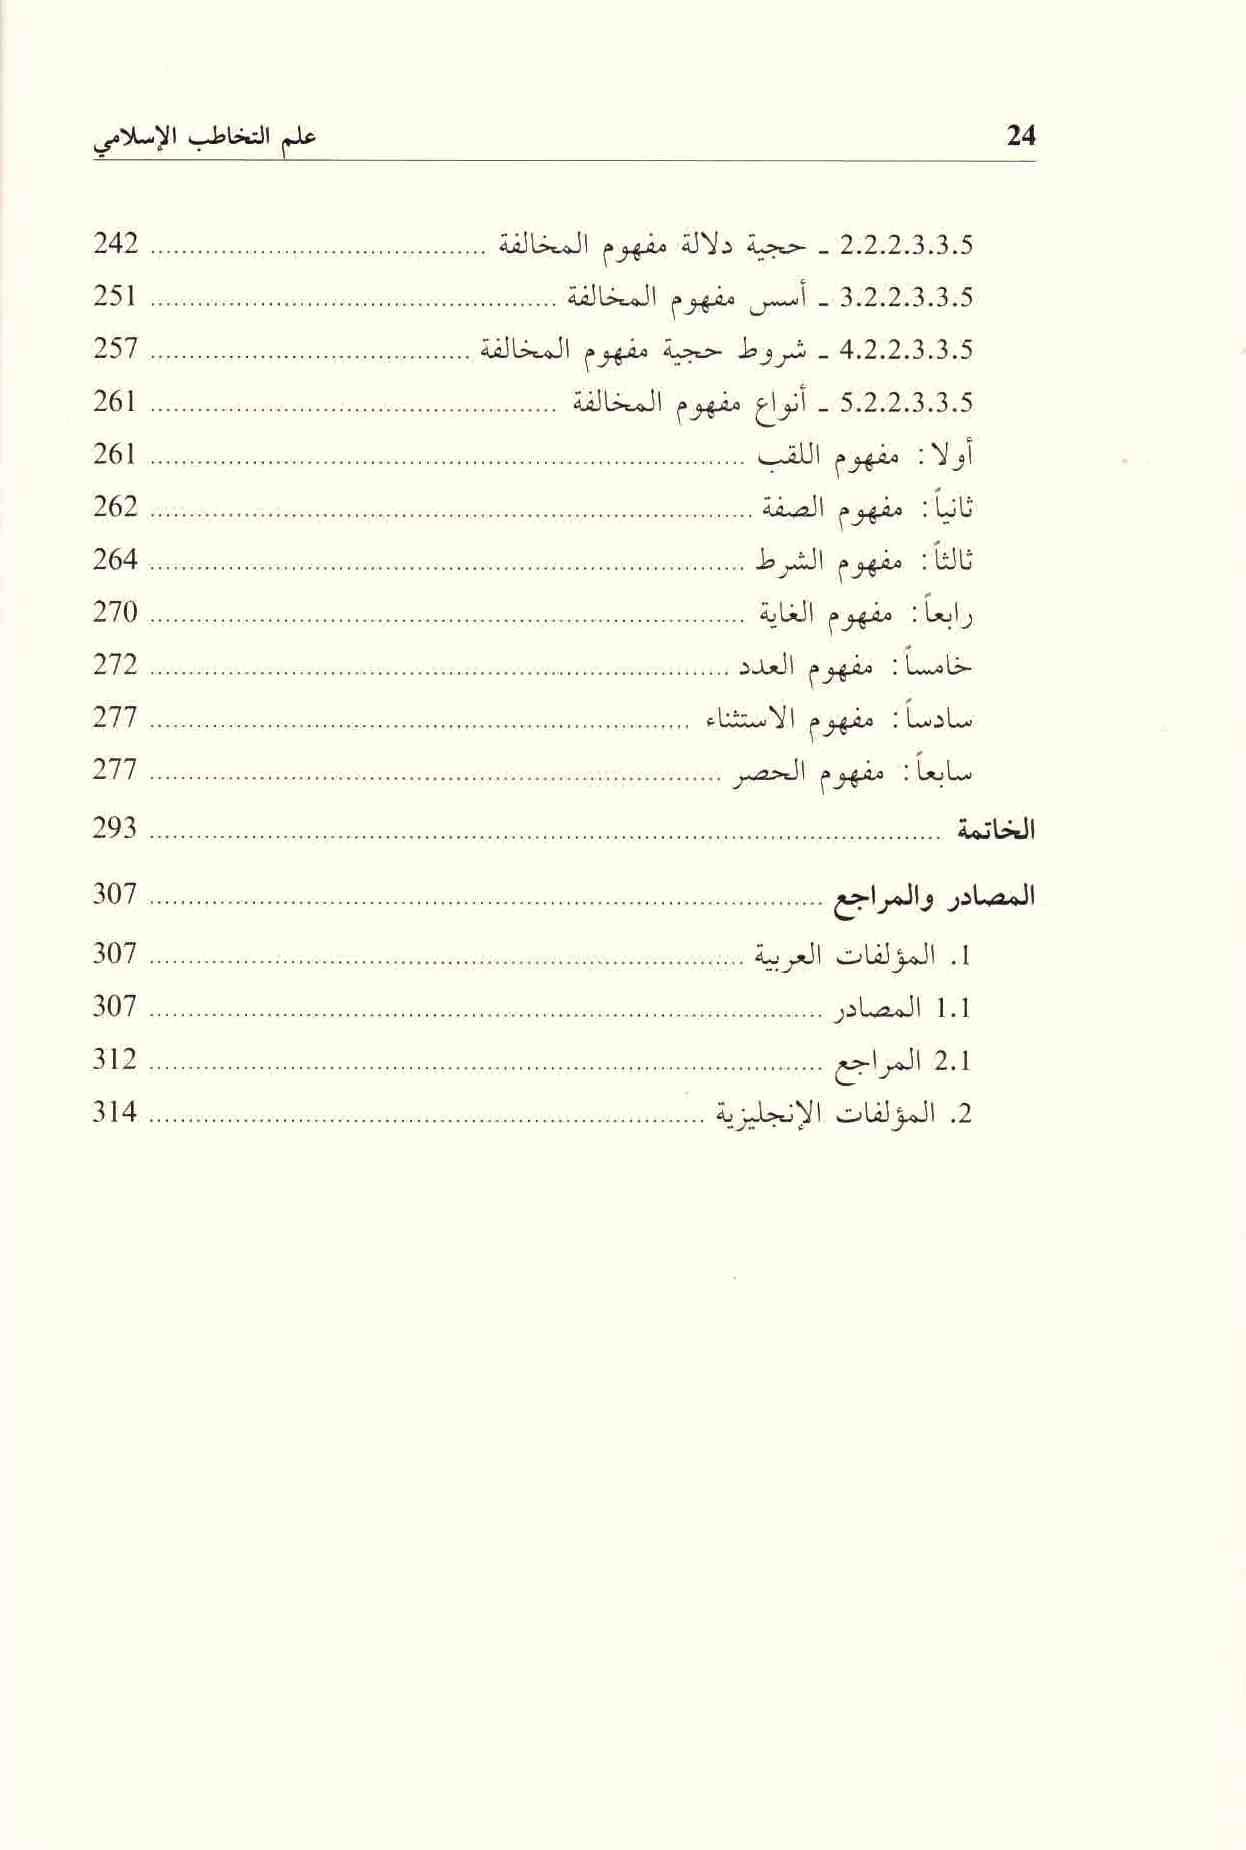 ص24 محتويات كتاب علم التخاطب الإسلامي